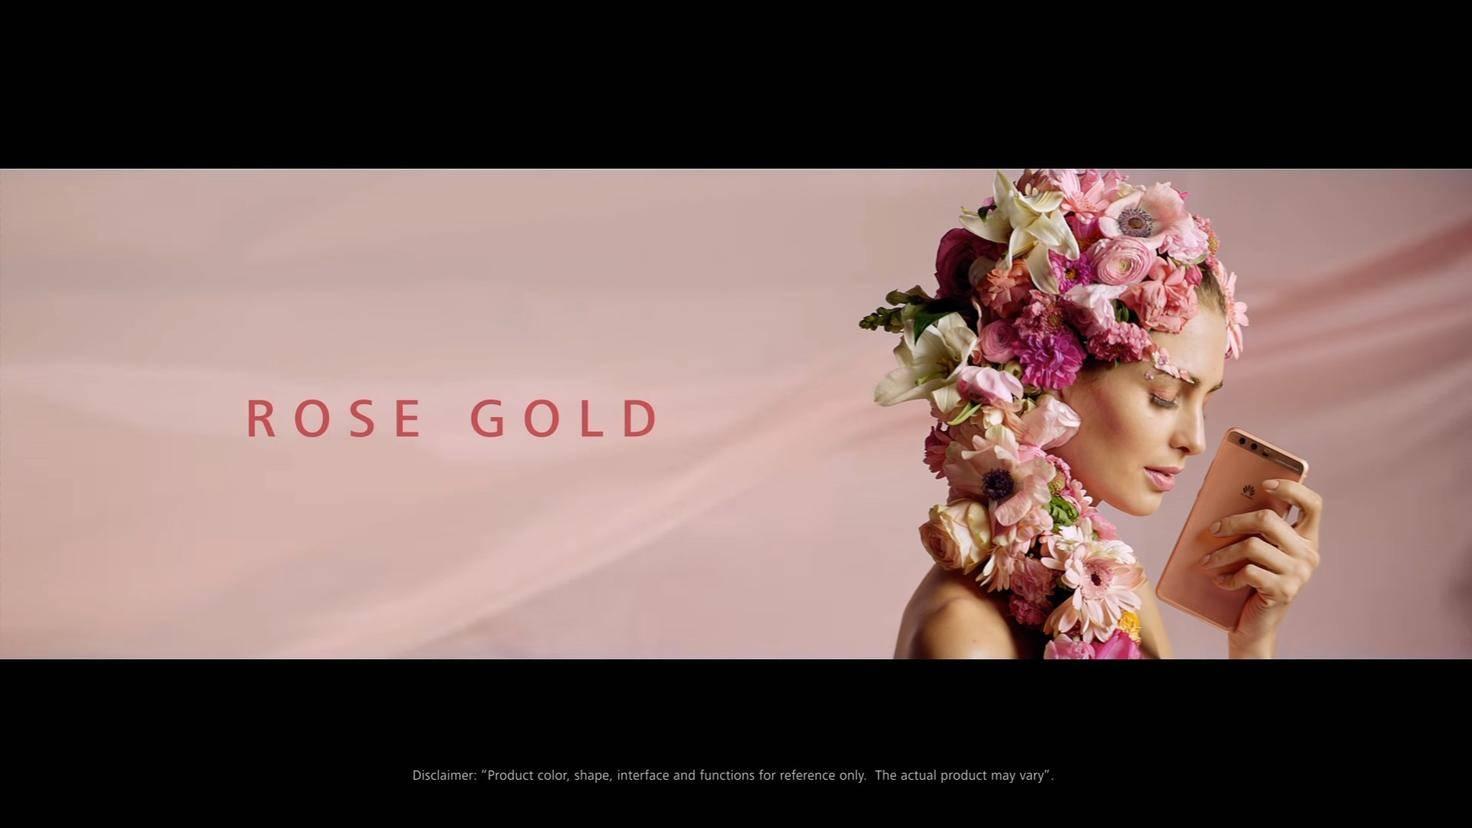 Huawei P10 Rose Gold